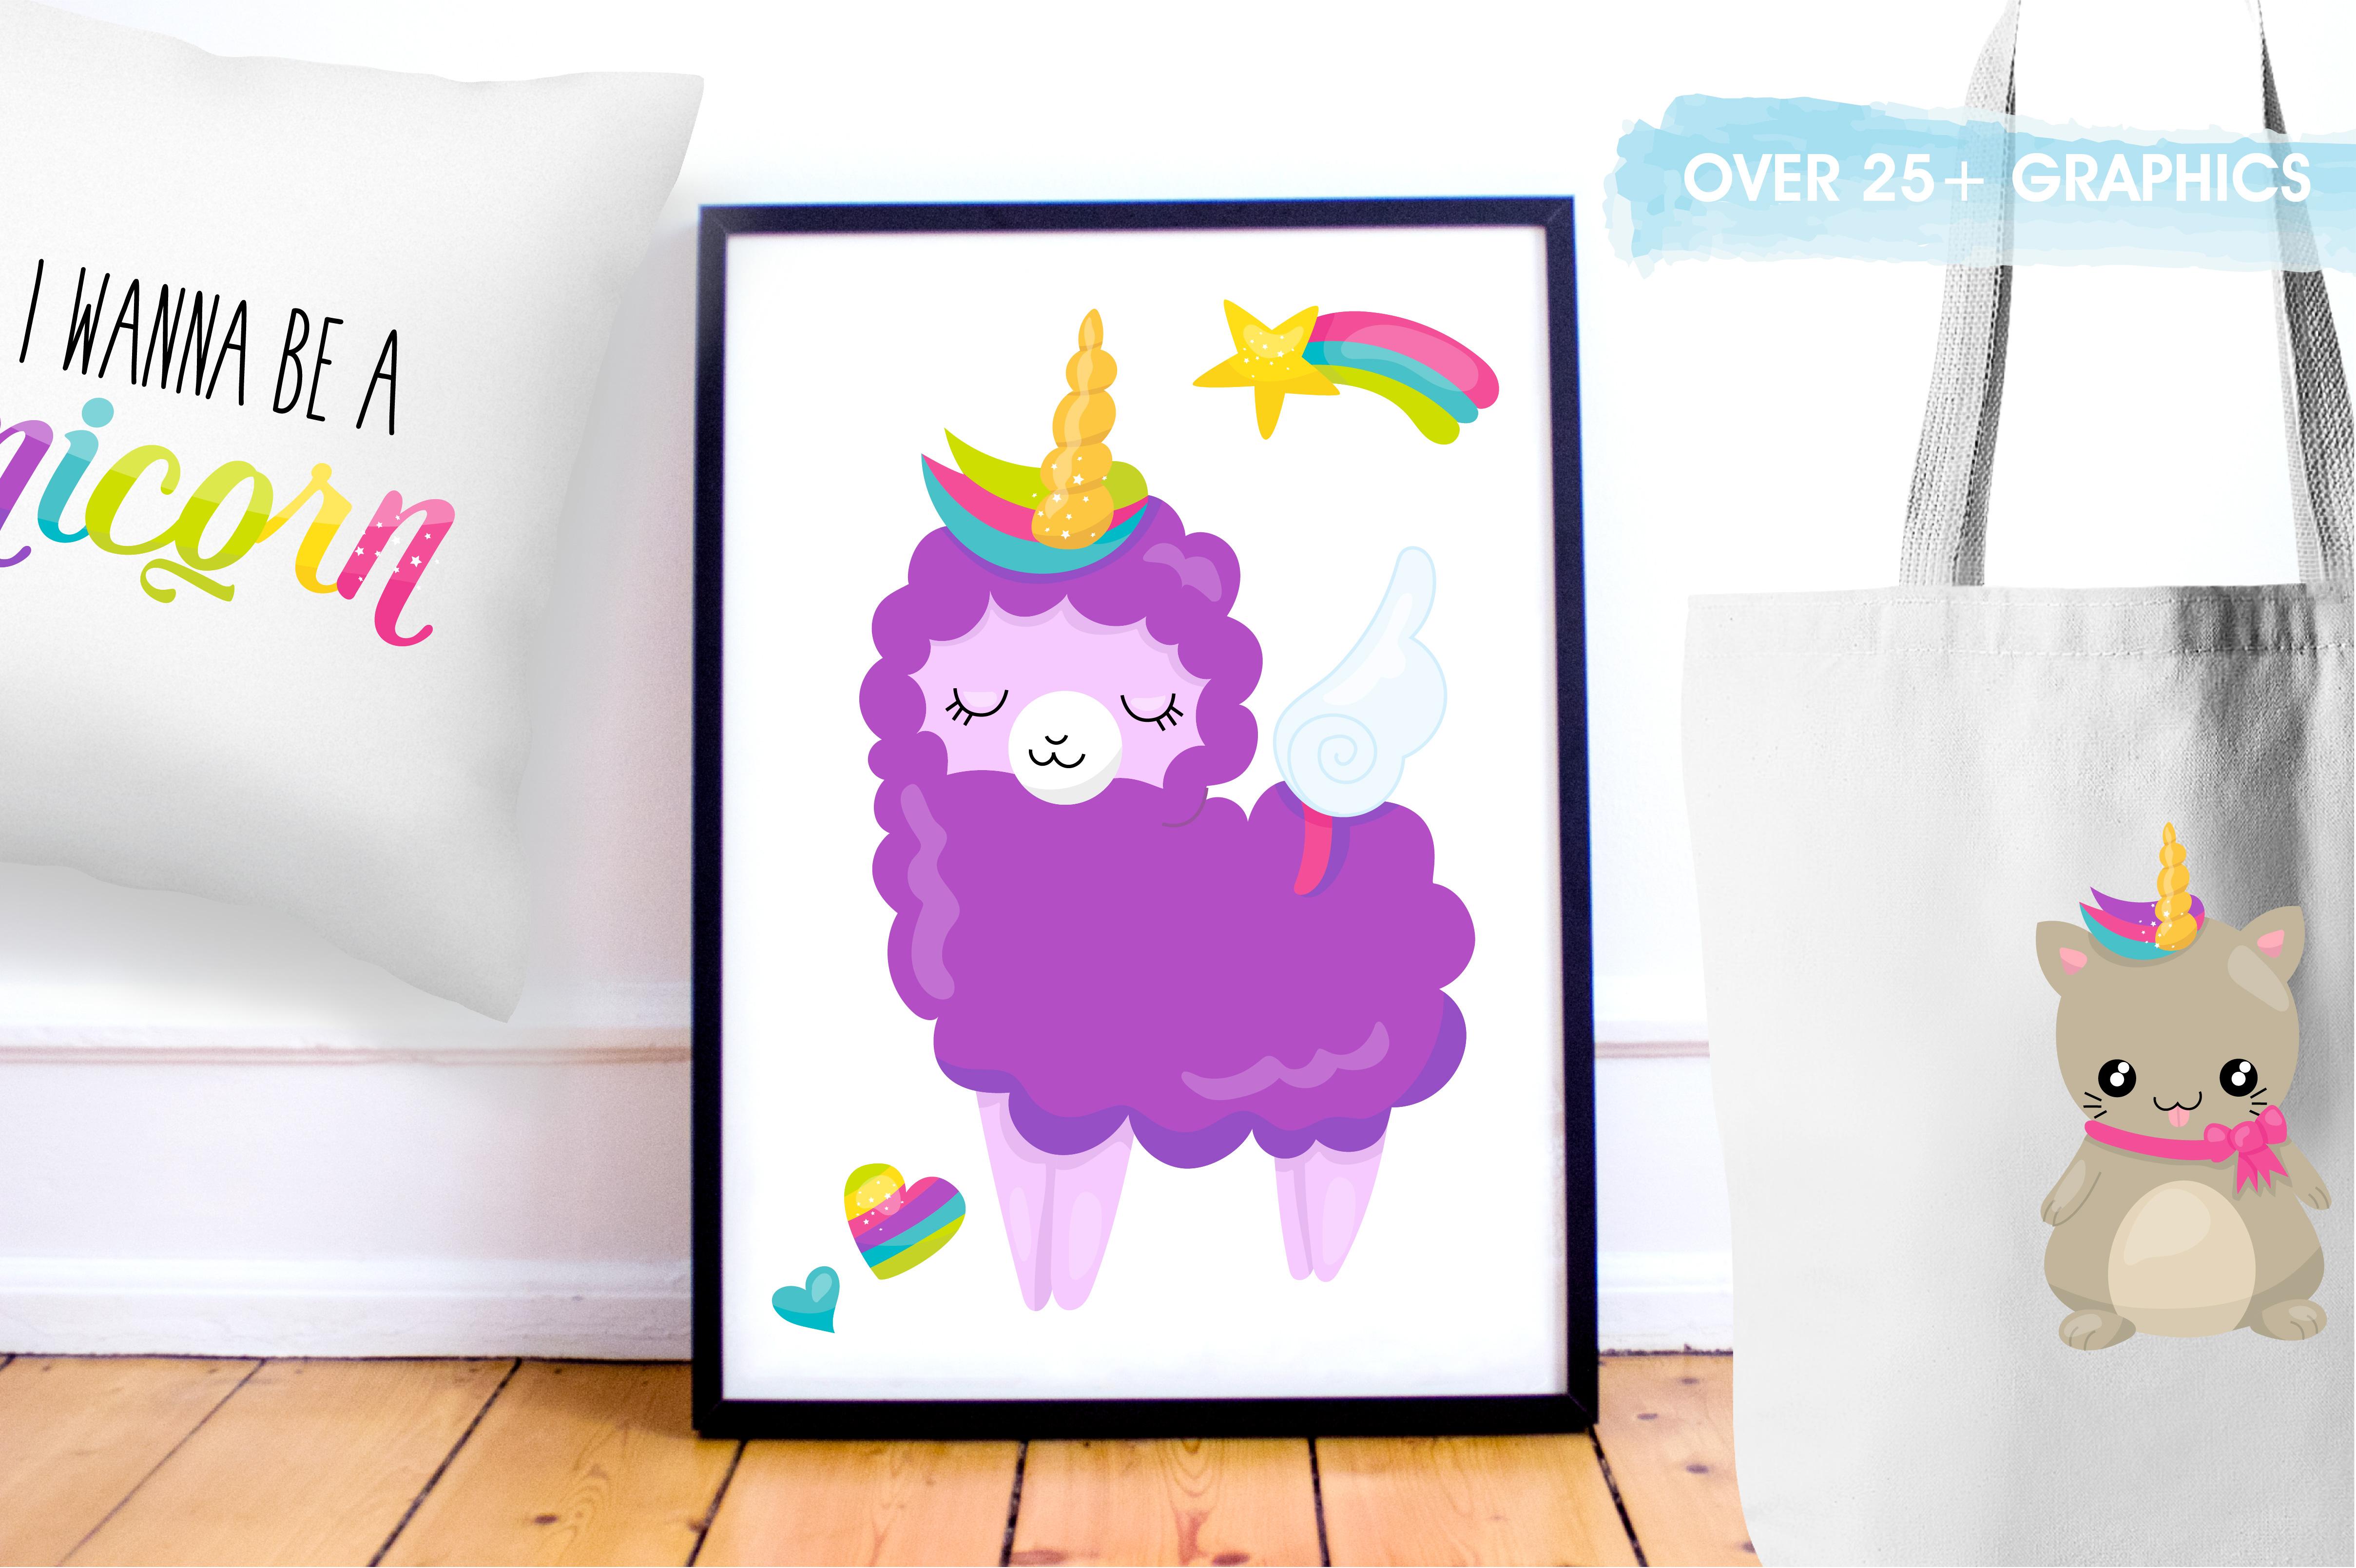 Wannabe unicorn graphics and illustrations example image 5